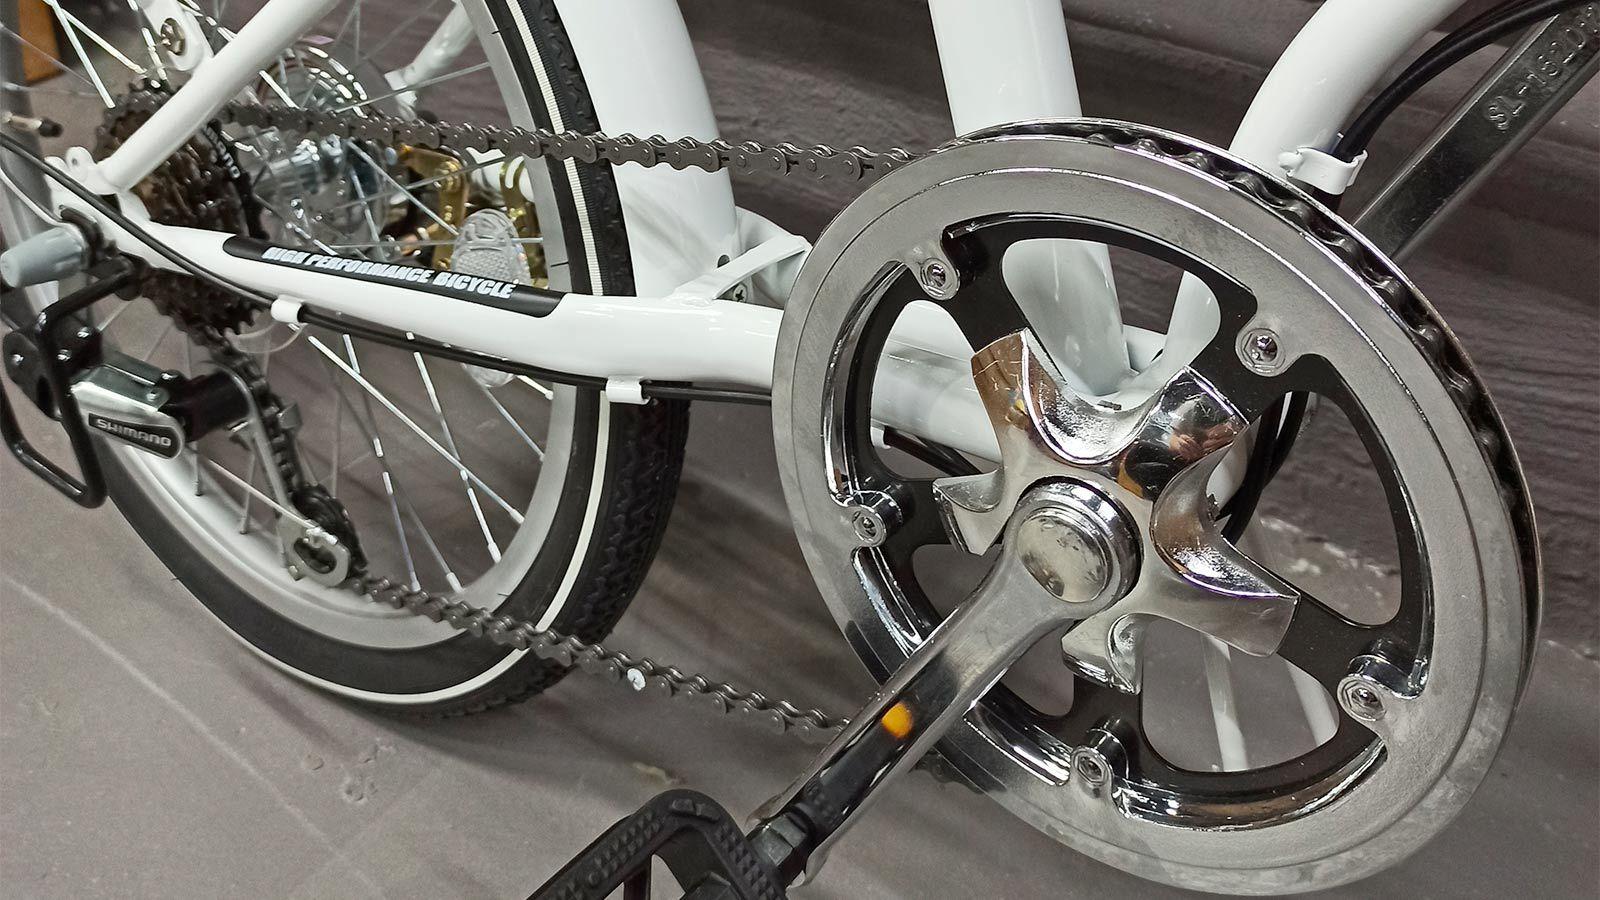 педаль и звездочка складного велосипеда